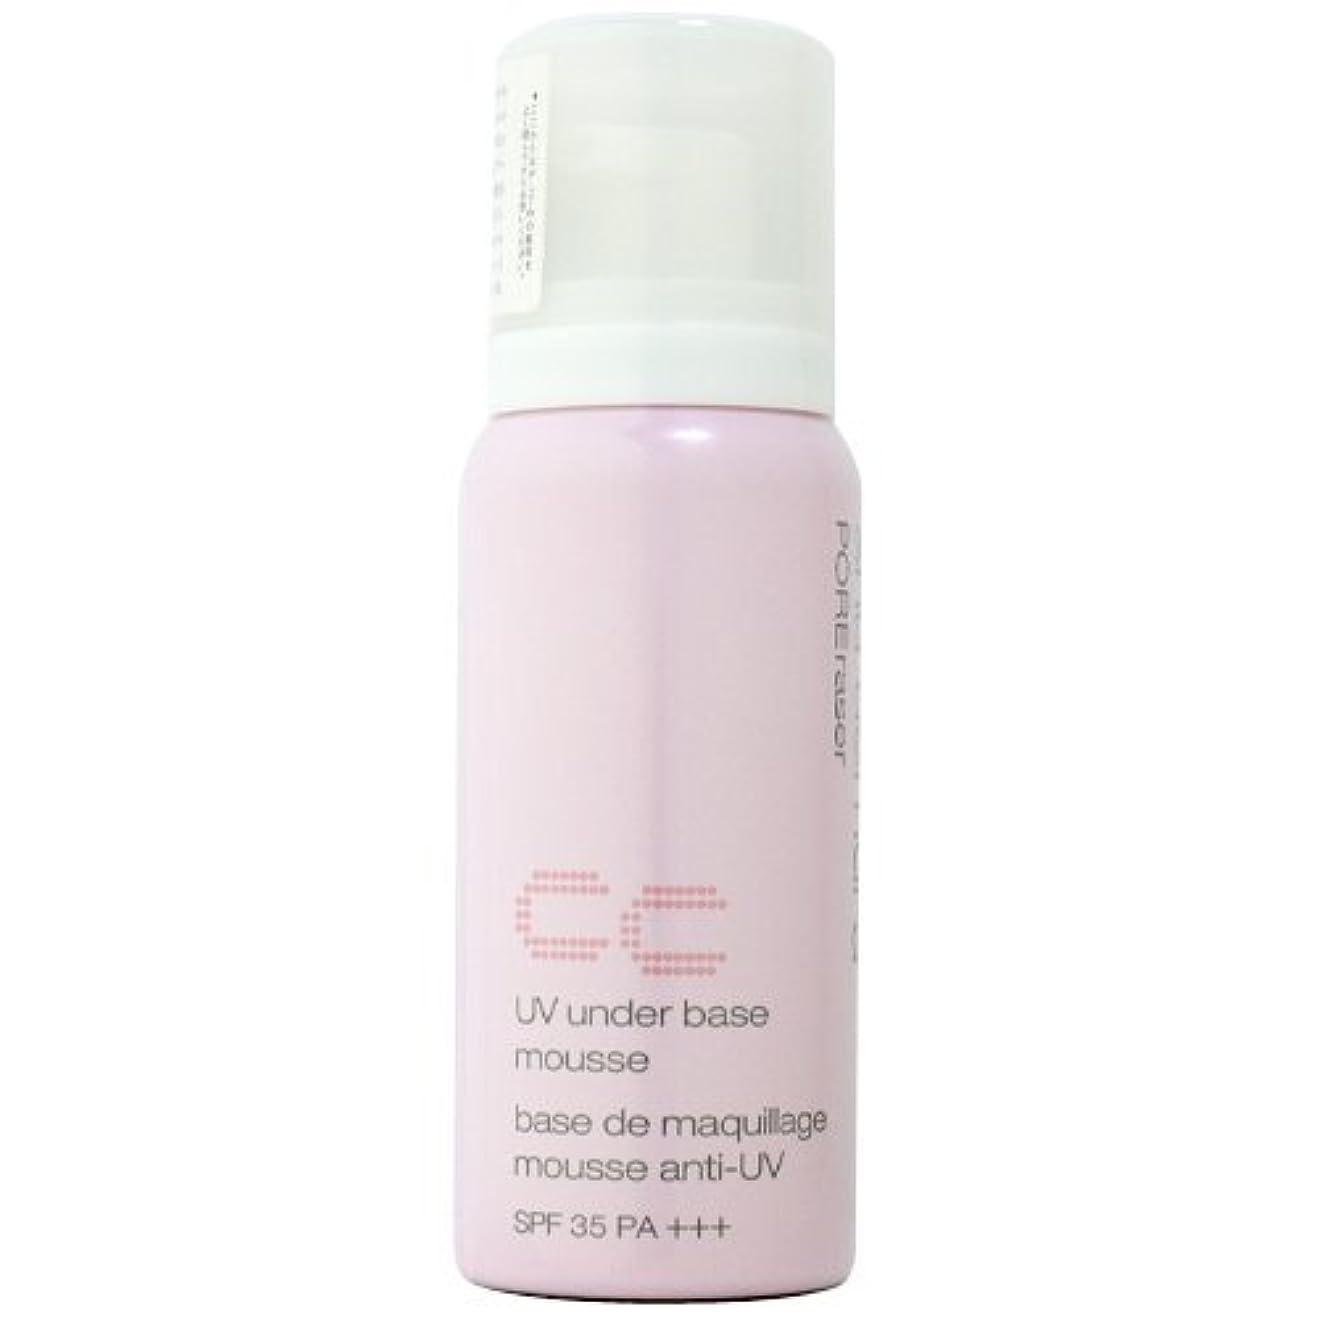 保全法律フェザーシュウ ウエムラ UV アンダーベース ムース CC ピンク